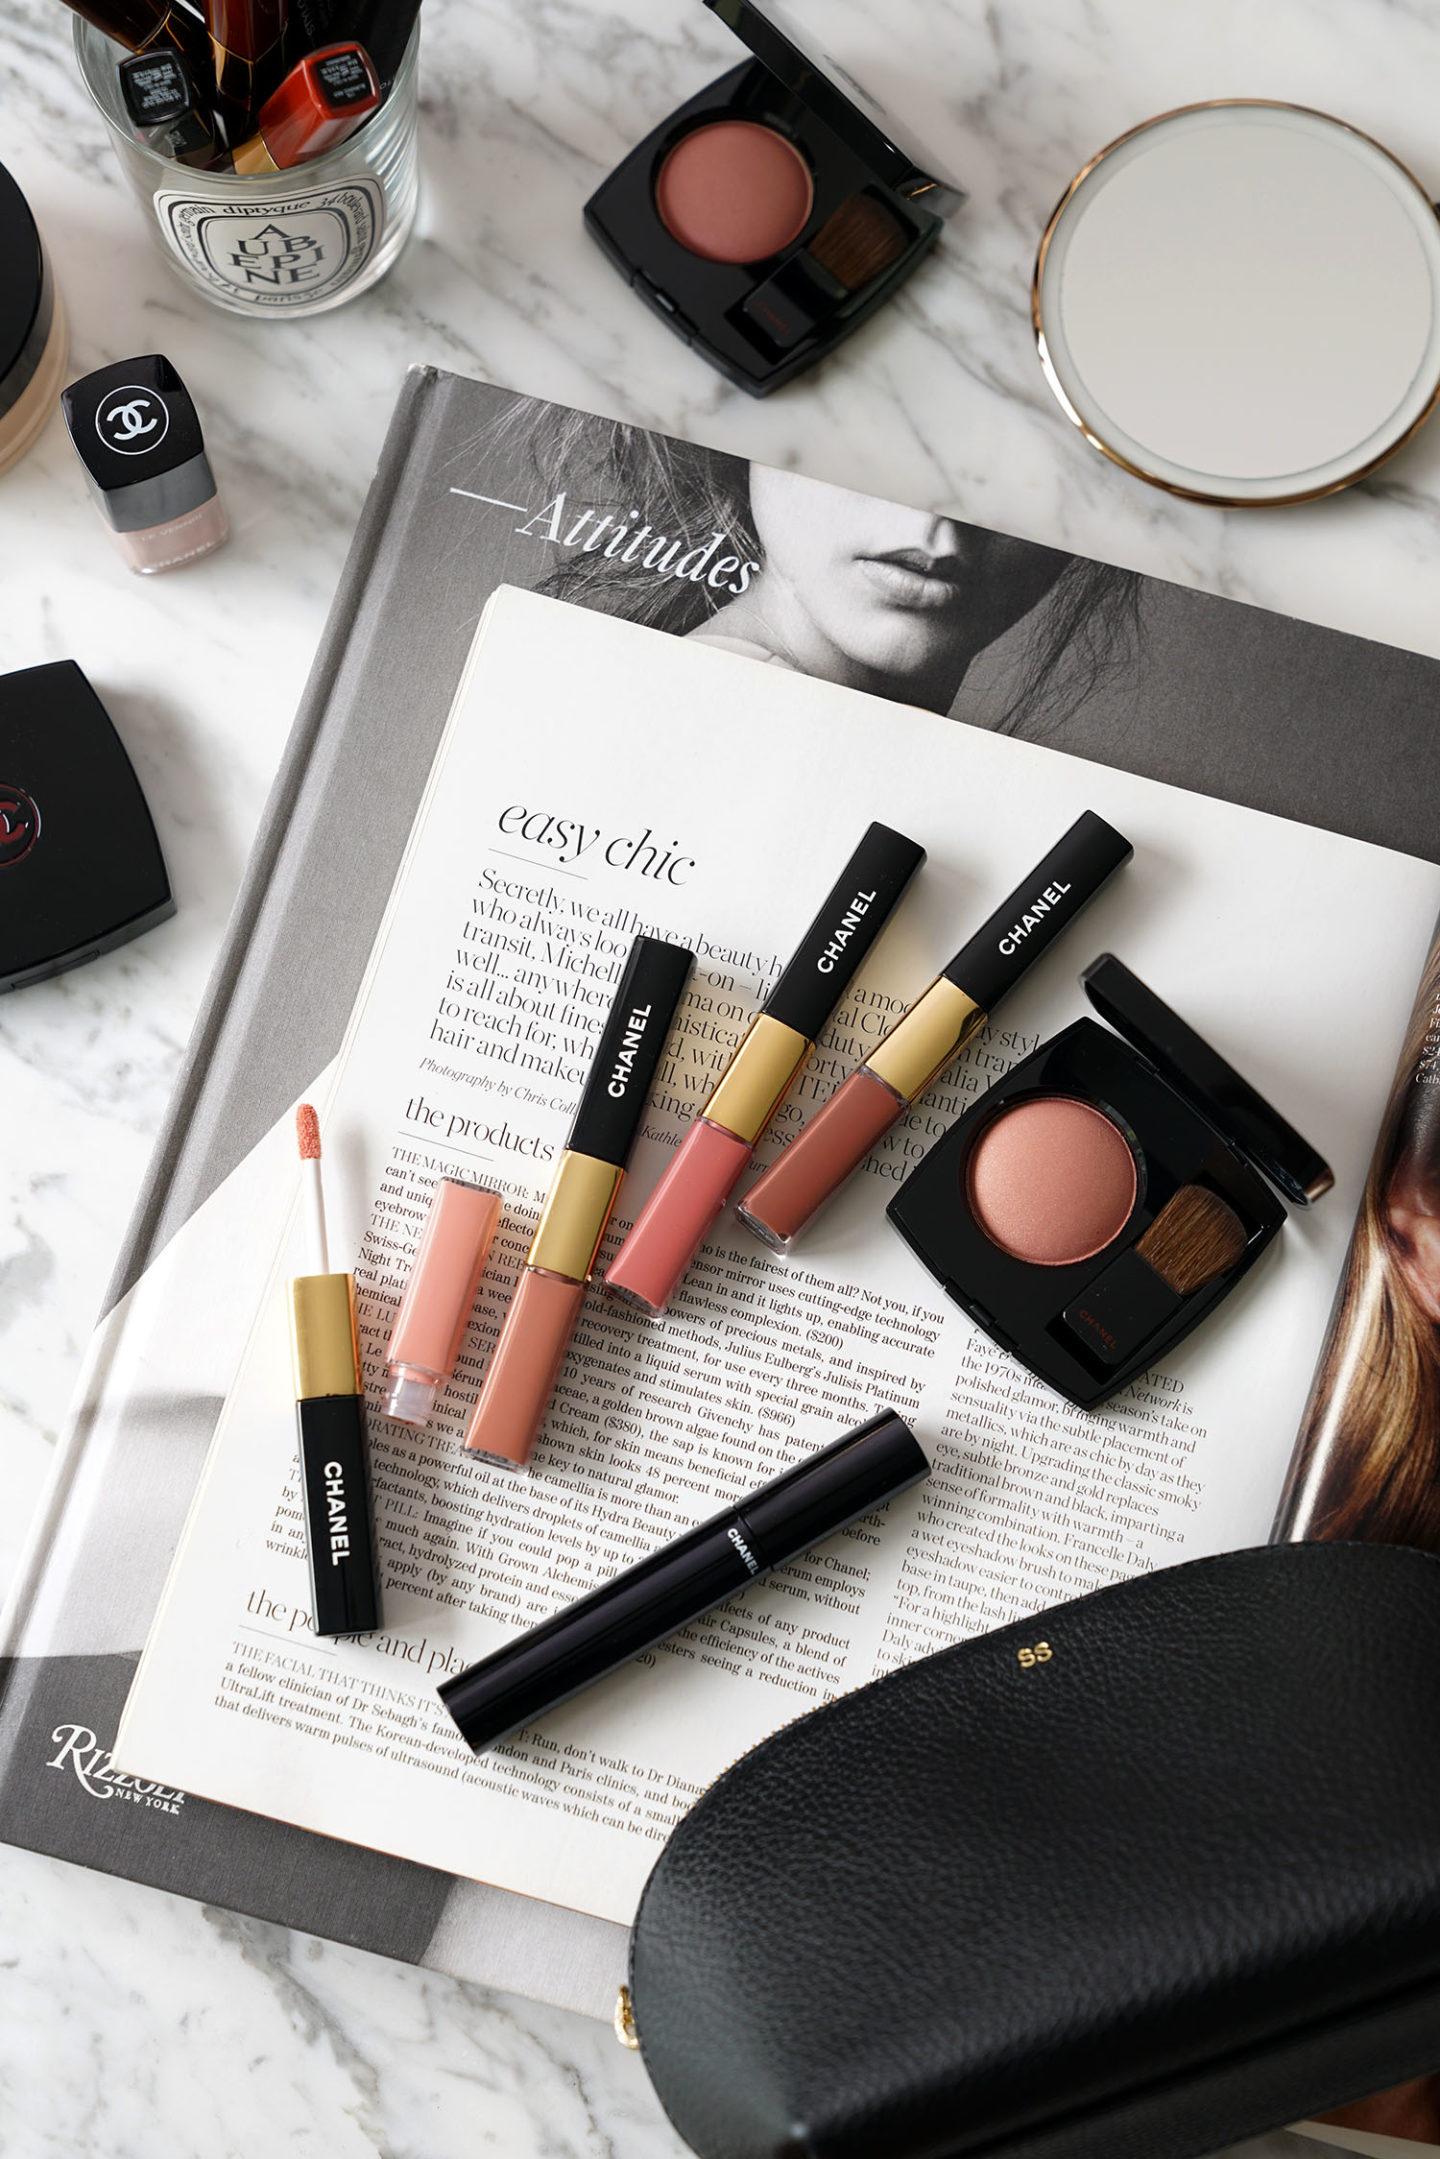 Nouveau Chanel Le Rouge Duo Ultra Tenue Gloss et Joues Contraste Powder Blushes